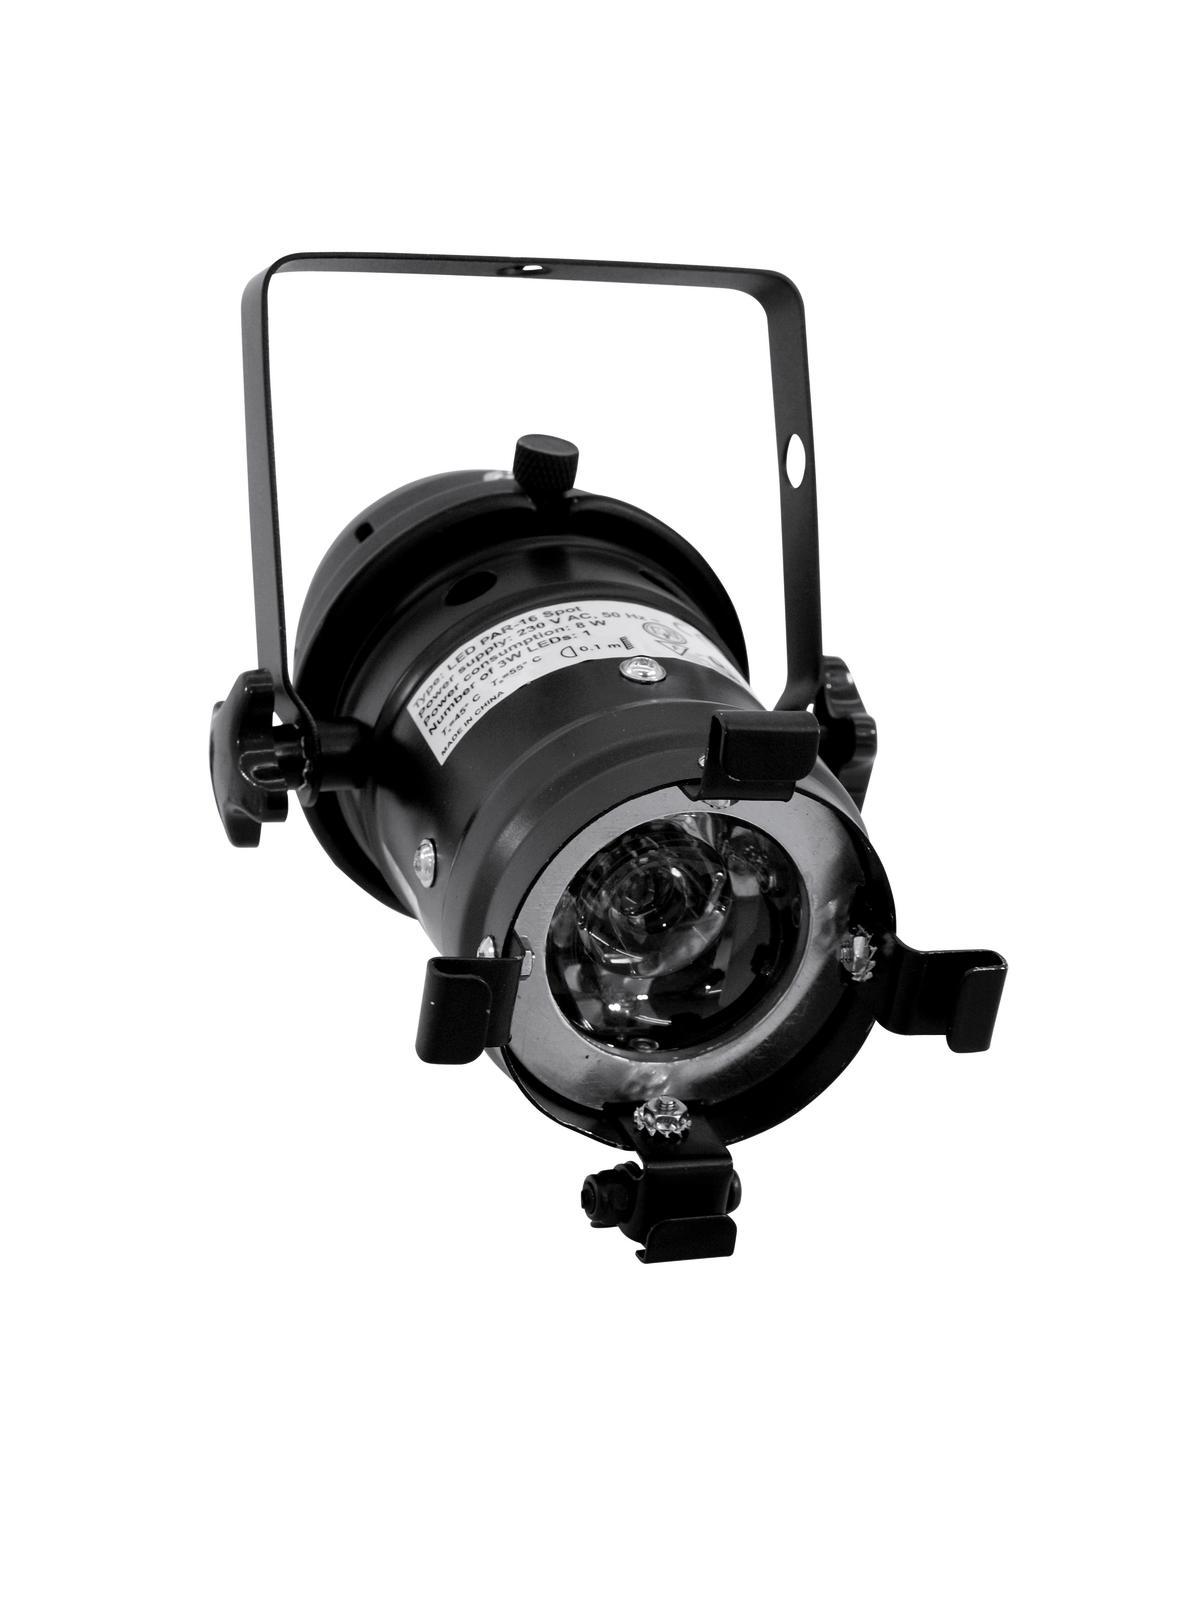 EUROLITE LED PAR-16 3200K 1x3W Spot bk